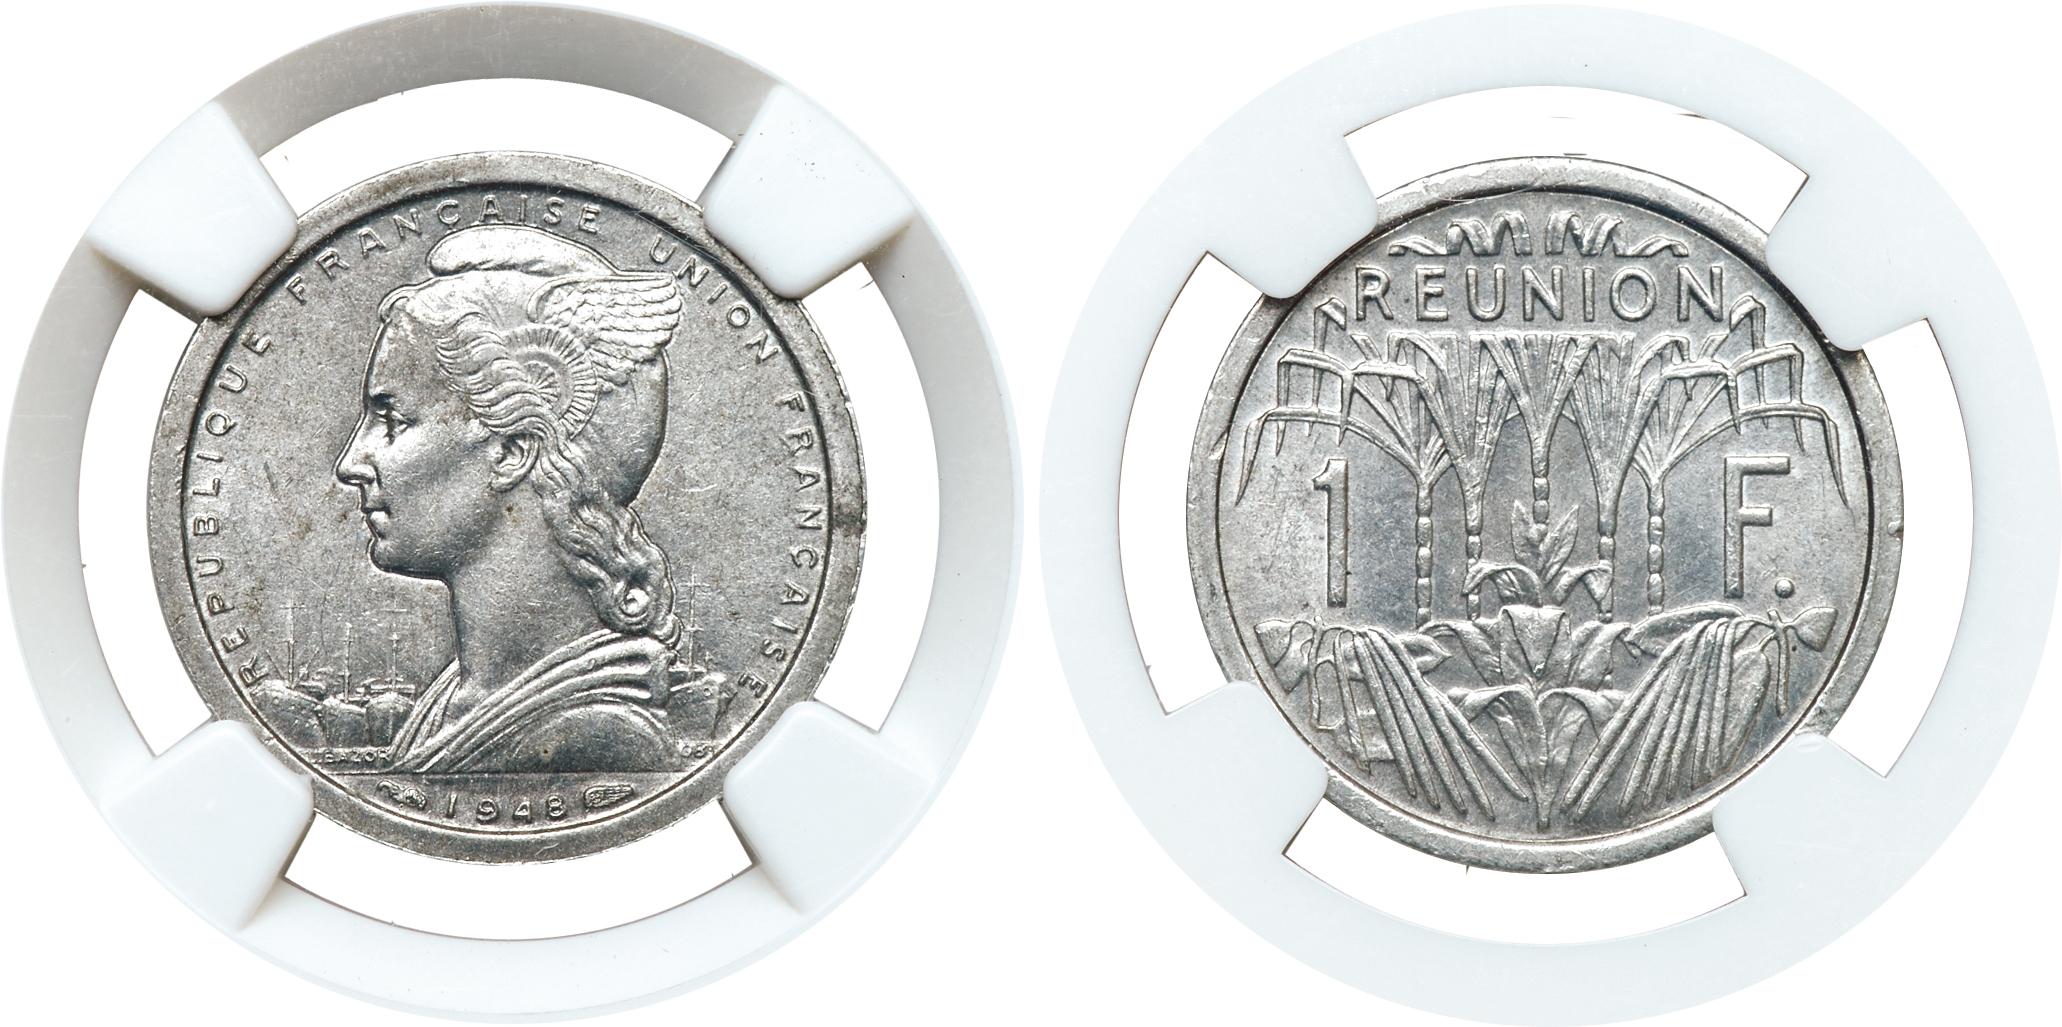 1948 10 Francs Value